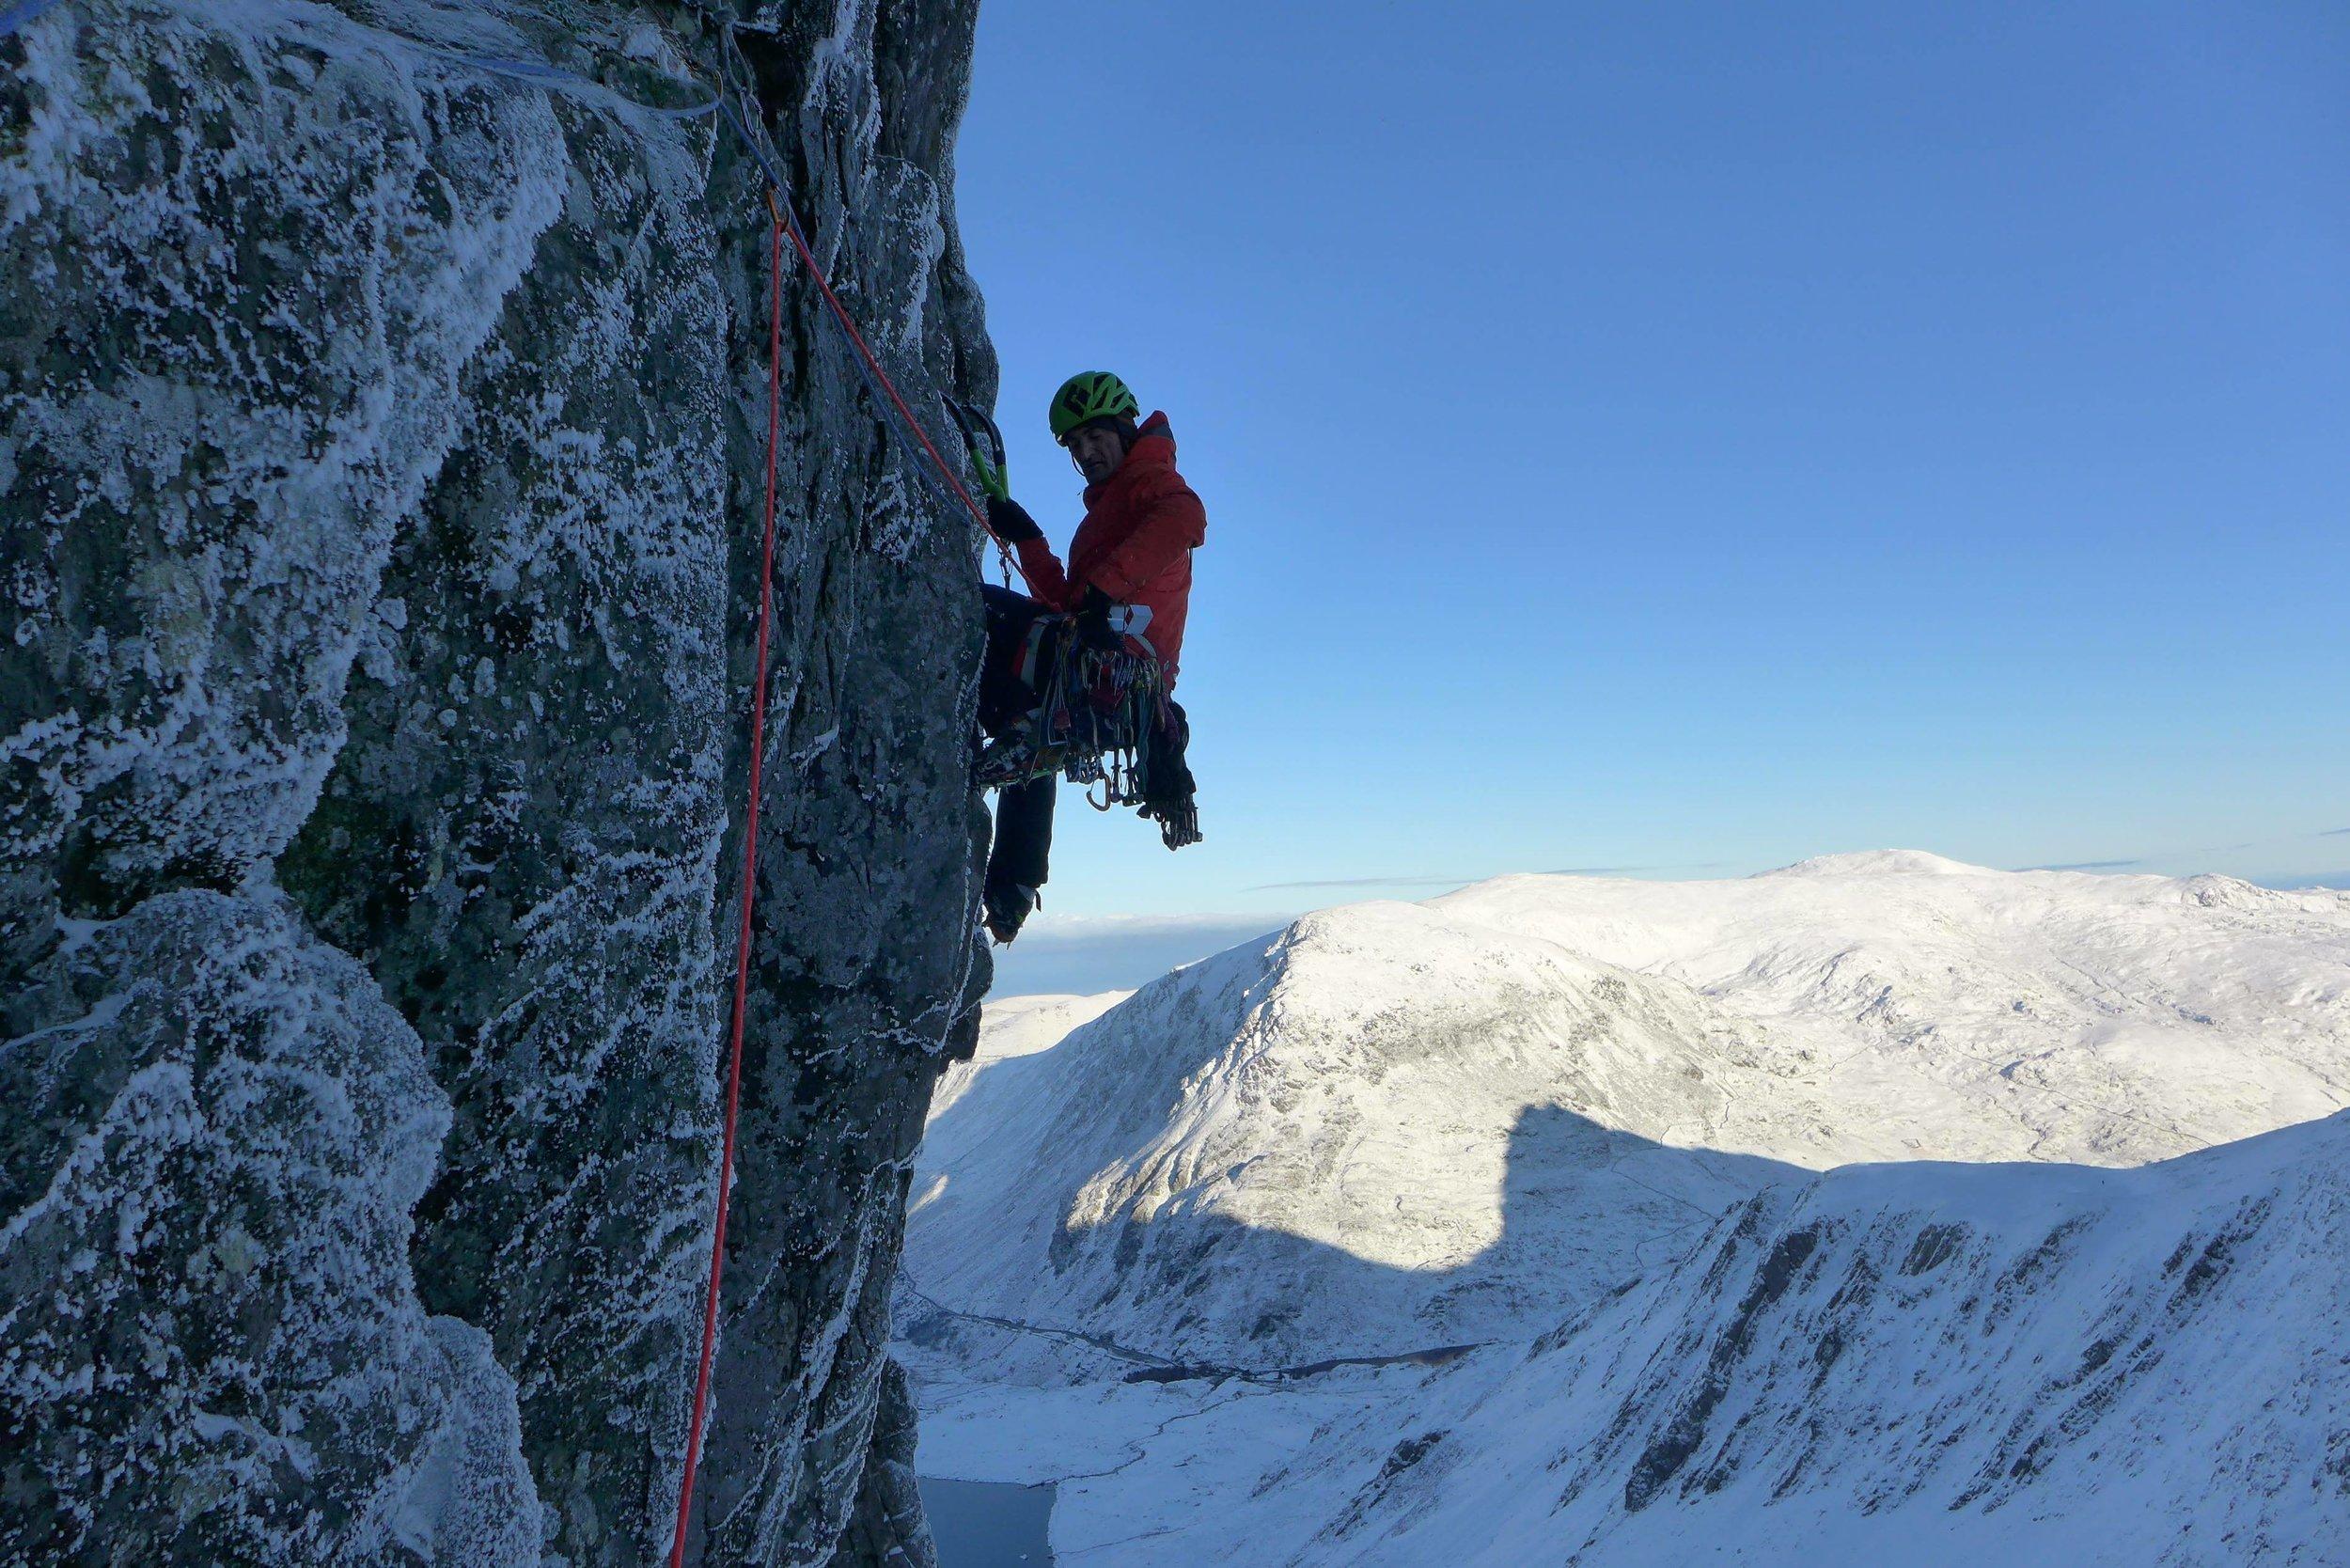 Jon Bracey in action - Picture by Luka Krajnc